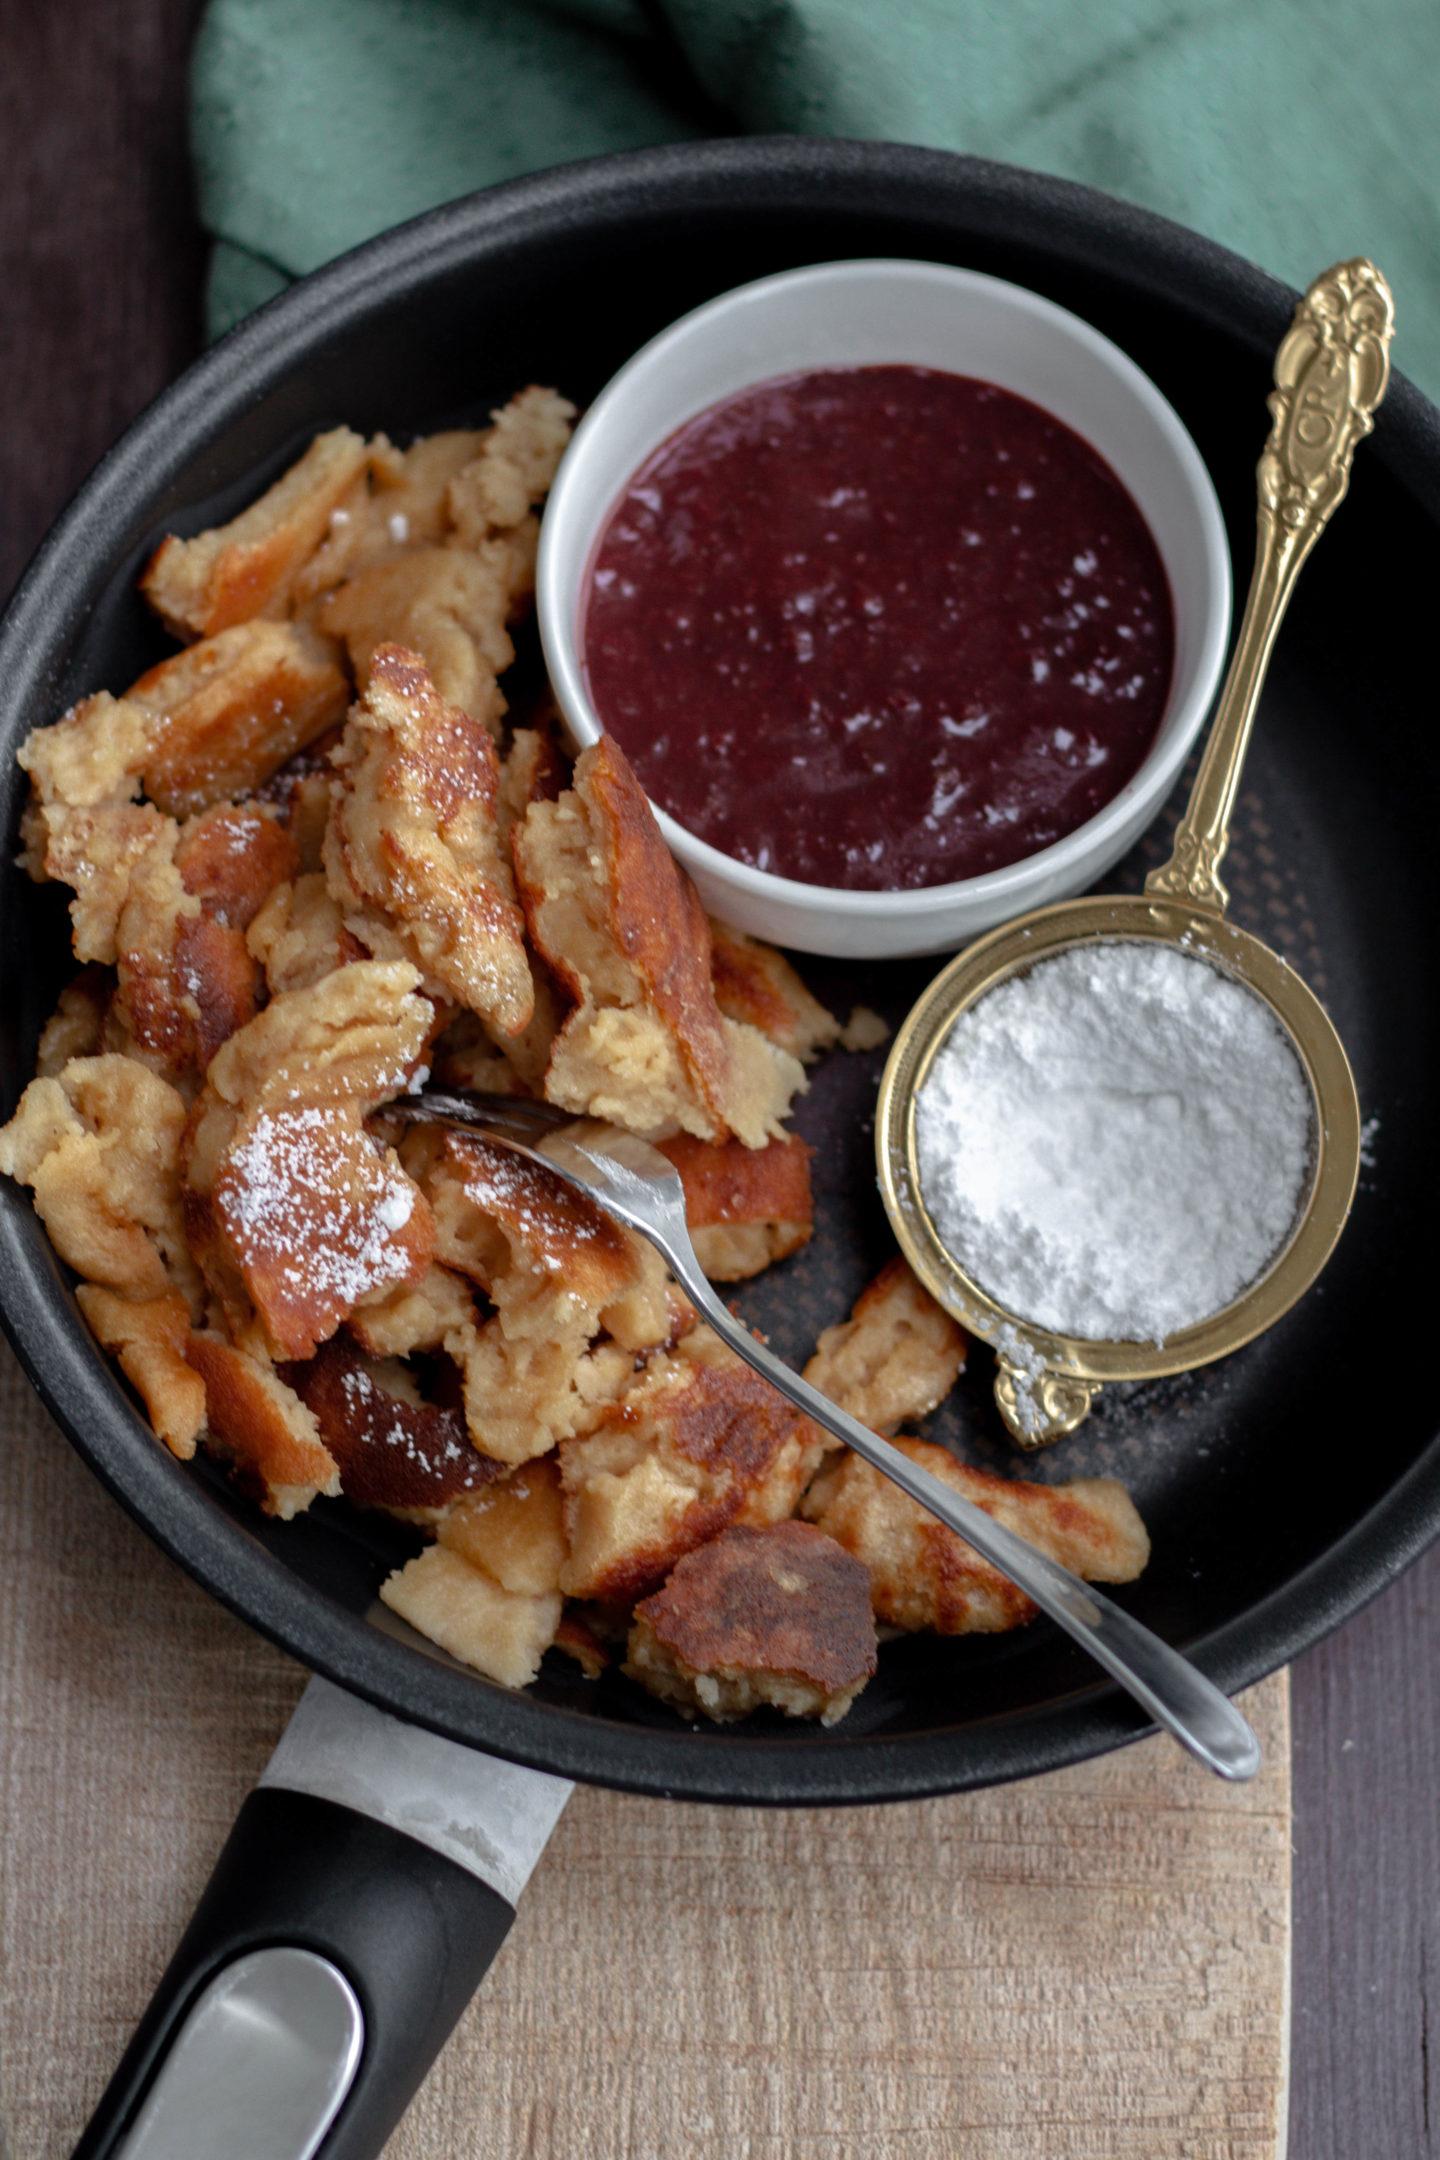 Glutenfreier Kaiserschmarrn-Herbst-Soulfood-Dein HomeSpa- Food & Wohlfühlblog aus dem Mostviertel